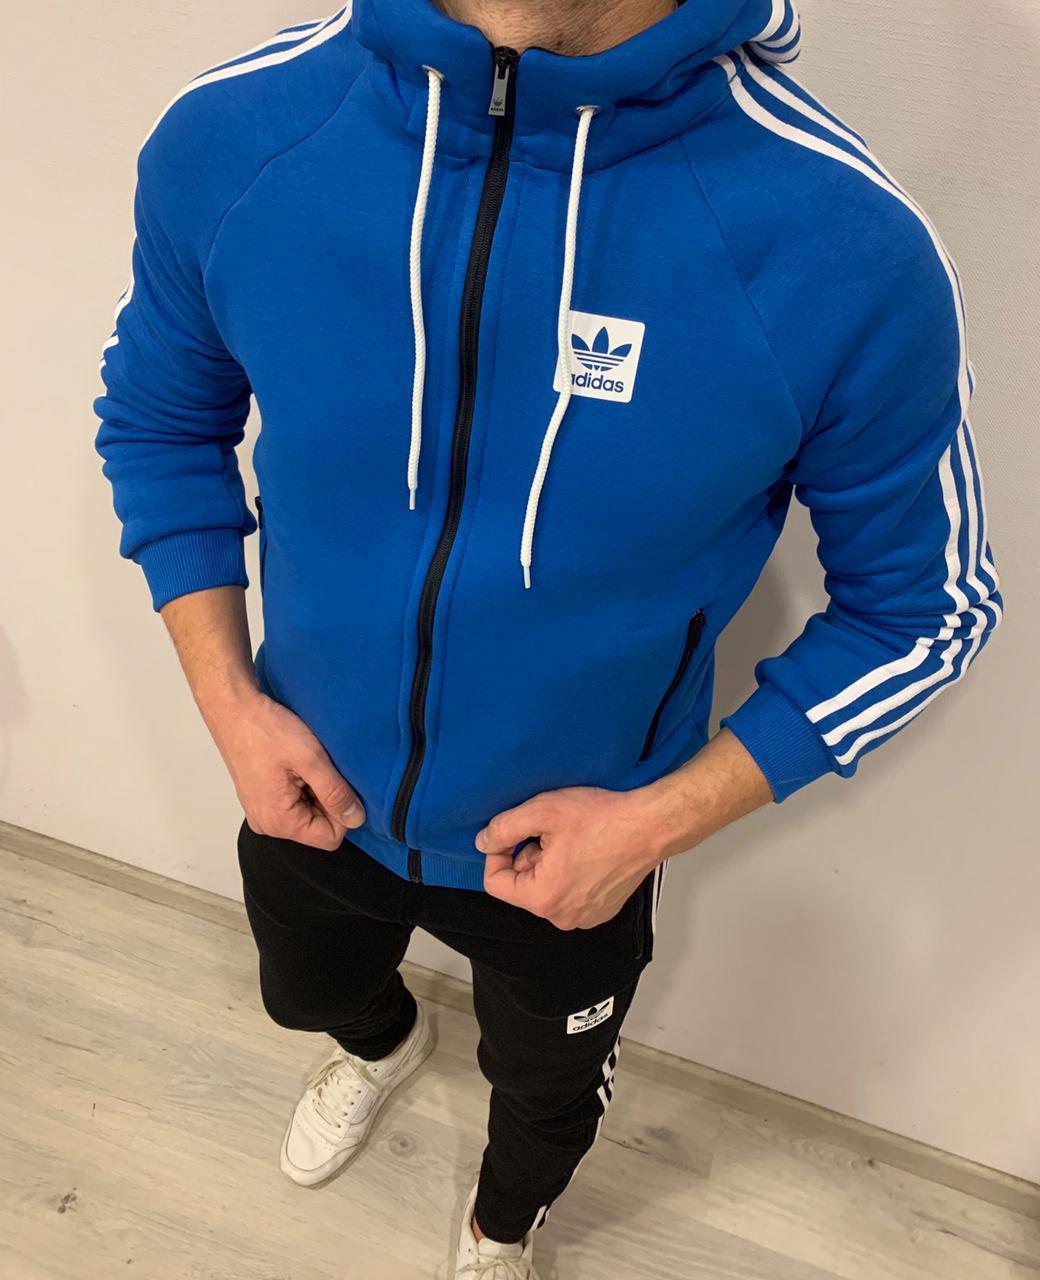 Теплый мужской спортивный костюм Adidas Striped (только размер S)